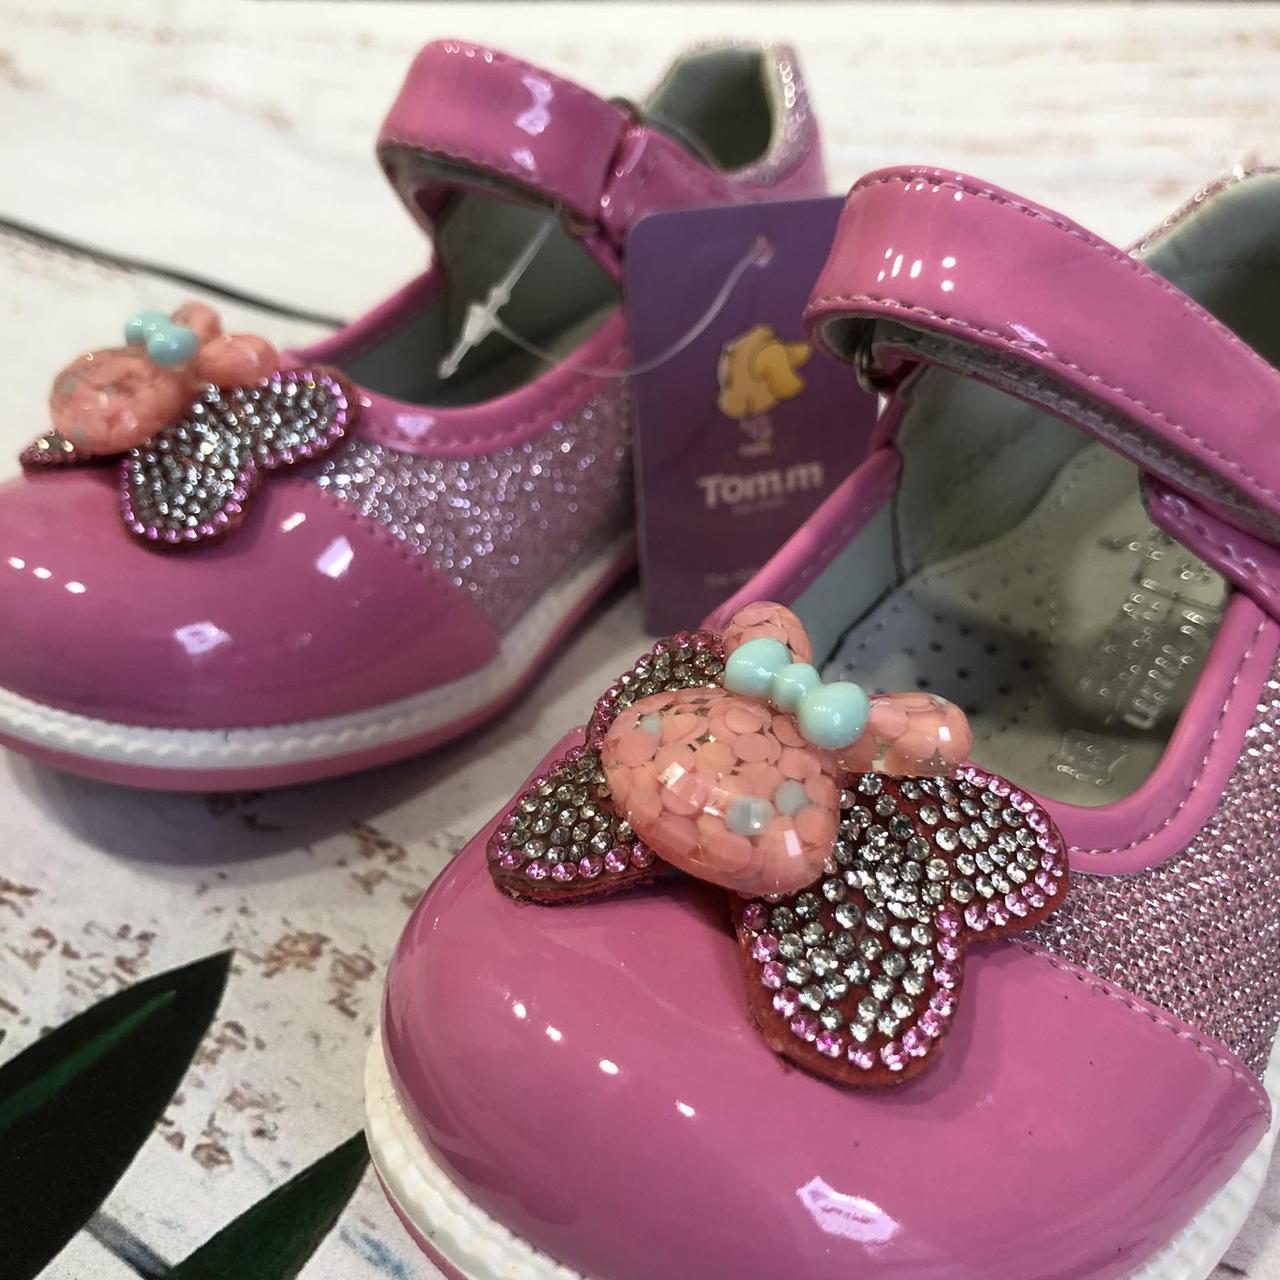 Дитячі нарядні туфлі від бренду Tom/m розміри 20,21,22,23,24,24